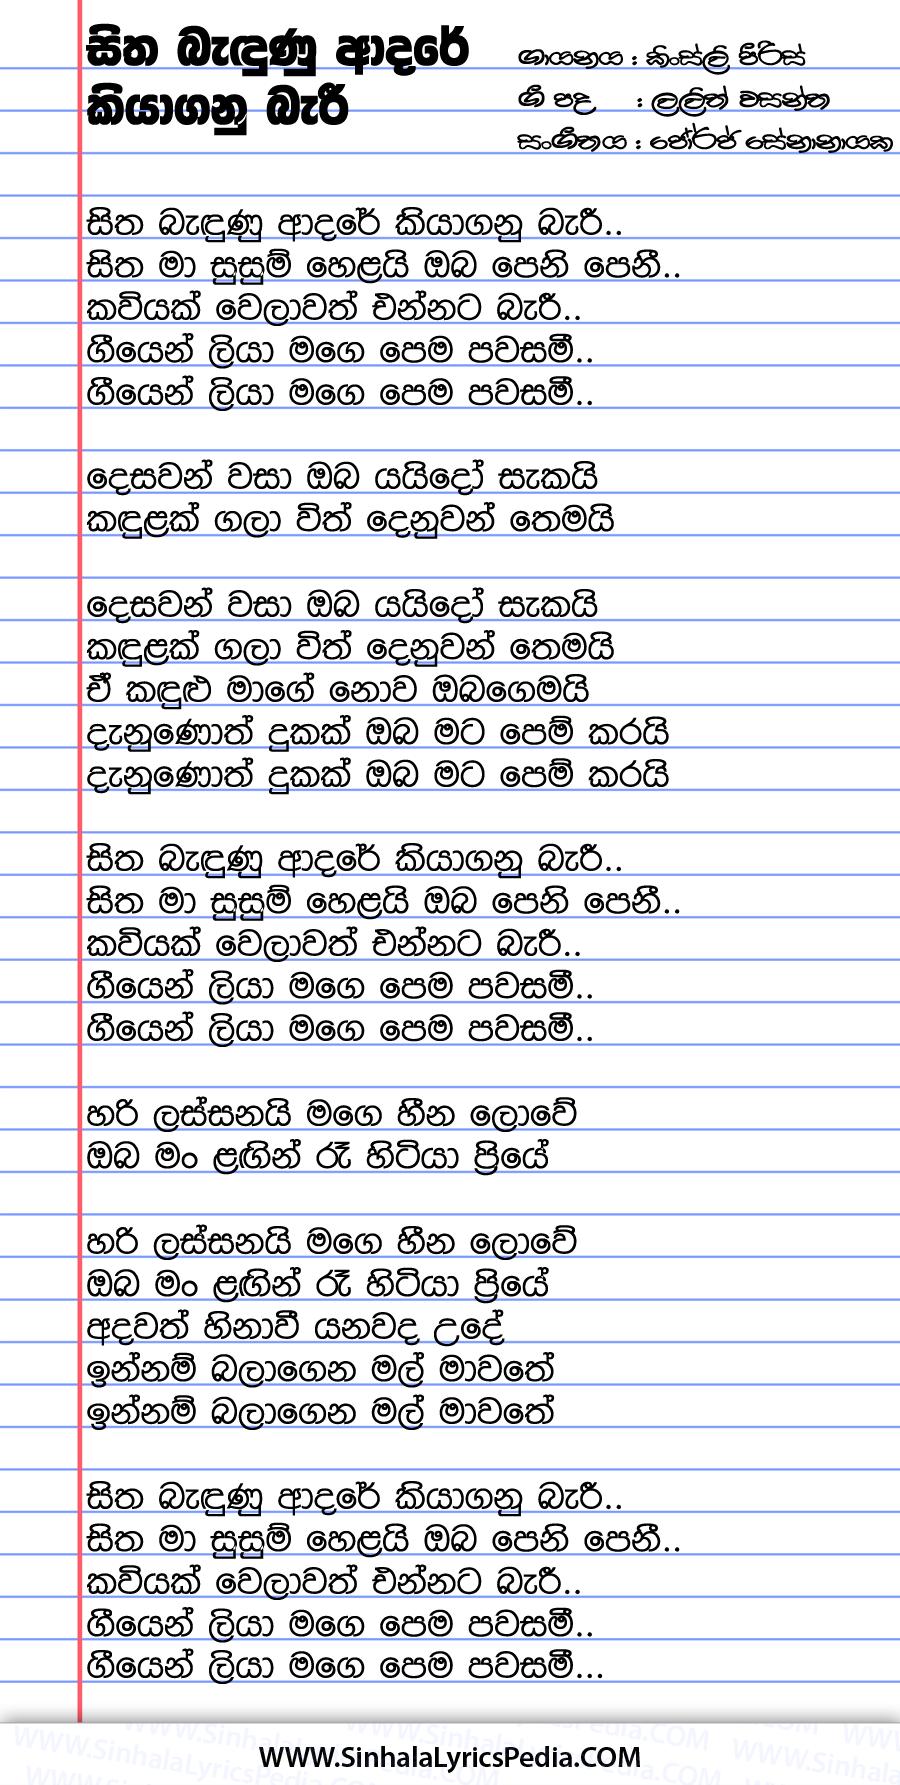 Sitha Badunu Adare Kiya Ganu Bari Song Lyrics